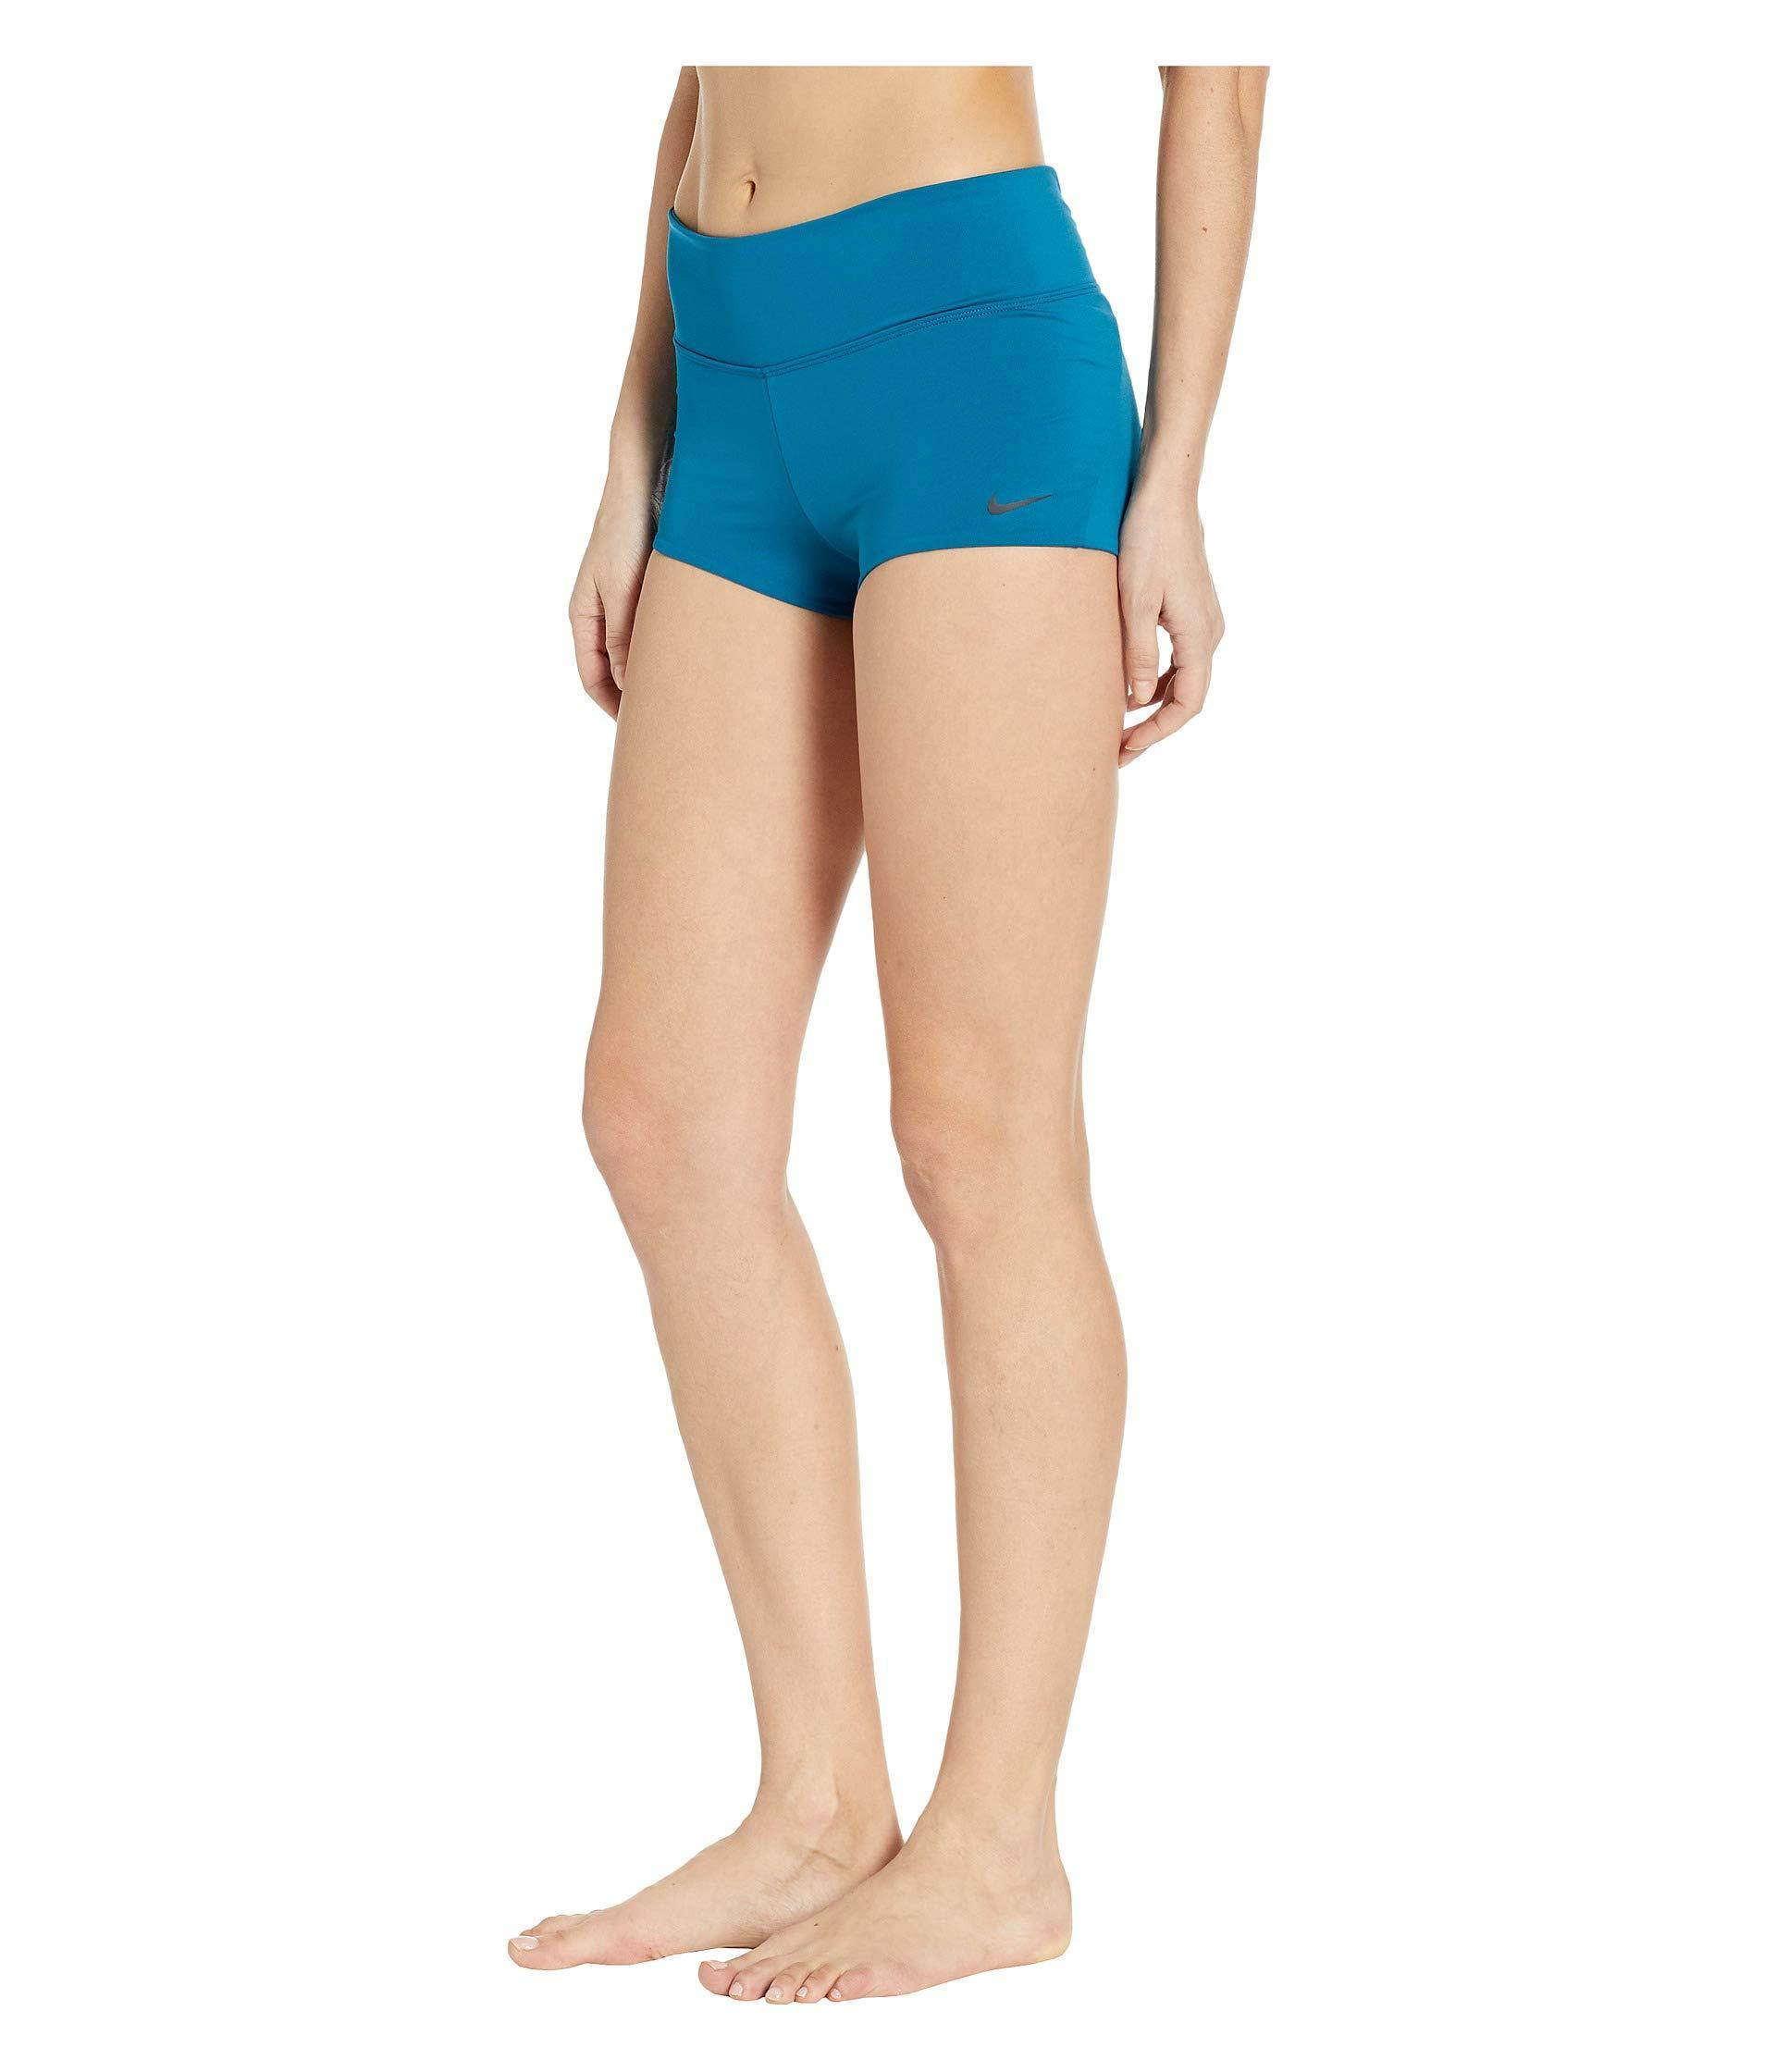 d05b770dcb Nike Solid Kick Shorts (monsoon Blue) Women's Swimwear in Blue - Lyst